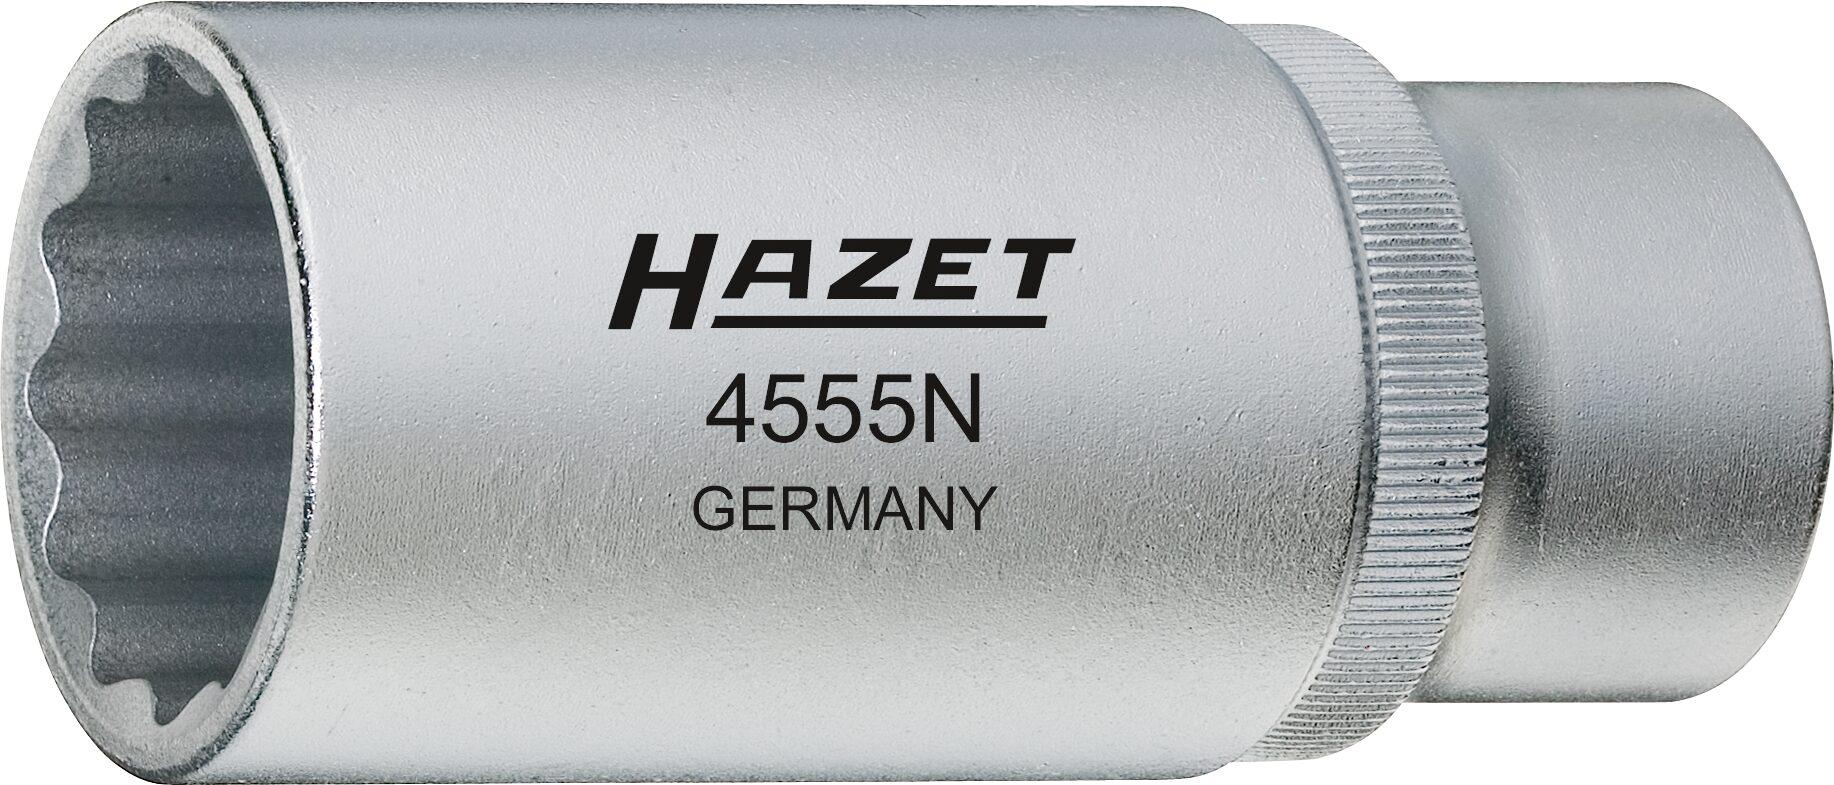 HAZET Einspritzdüsen Werkzeug 4555N ∙ Vierkant hohl 12,5 mm (1/2 Zoll) ∙ Außen-Doppel-Sechskant Profil ∙ 27 mm